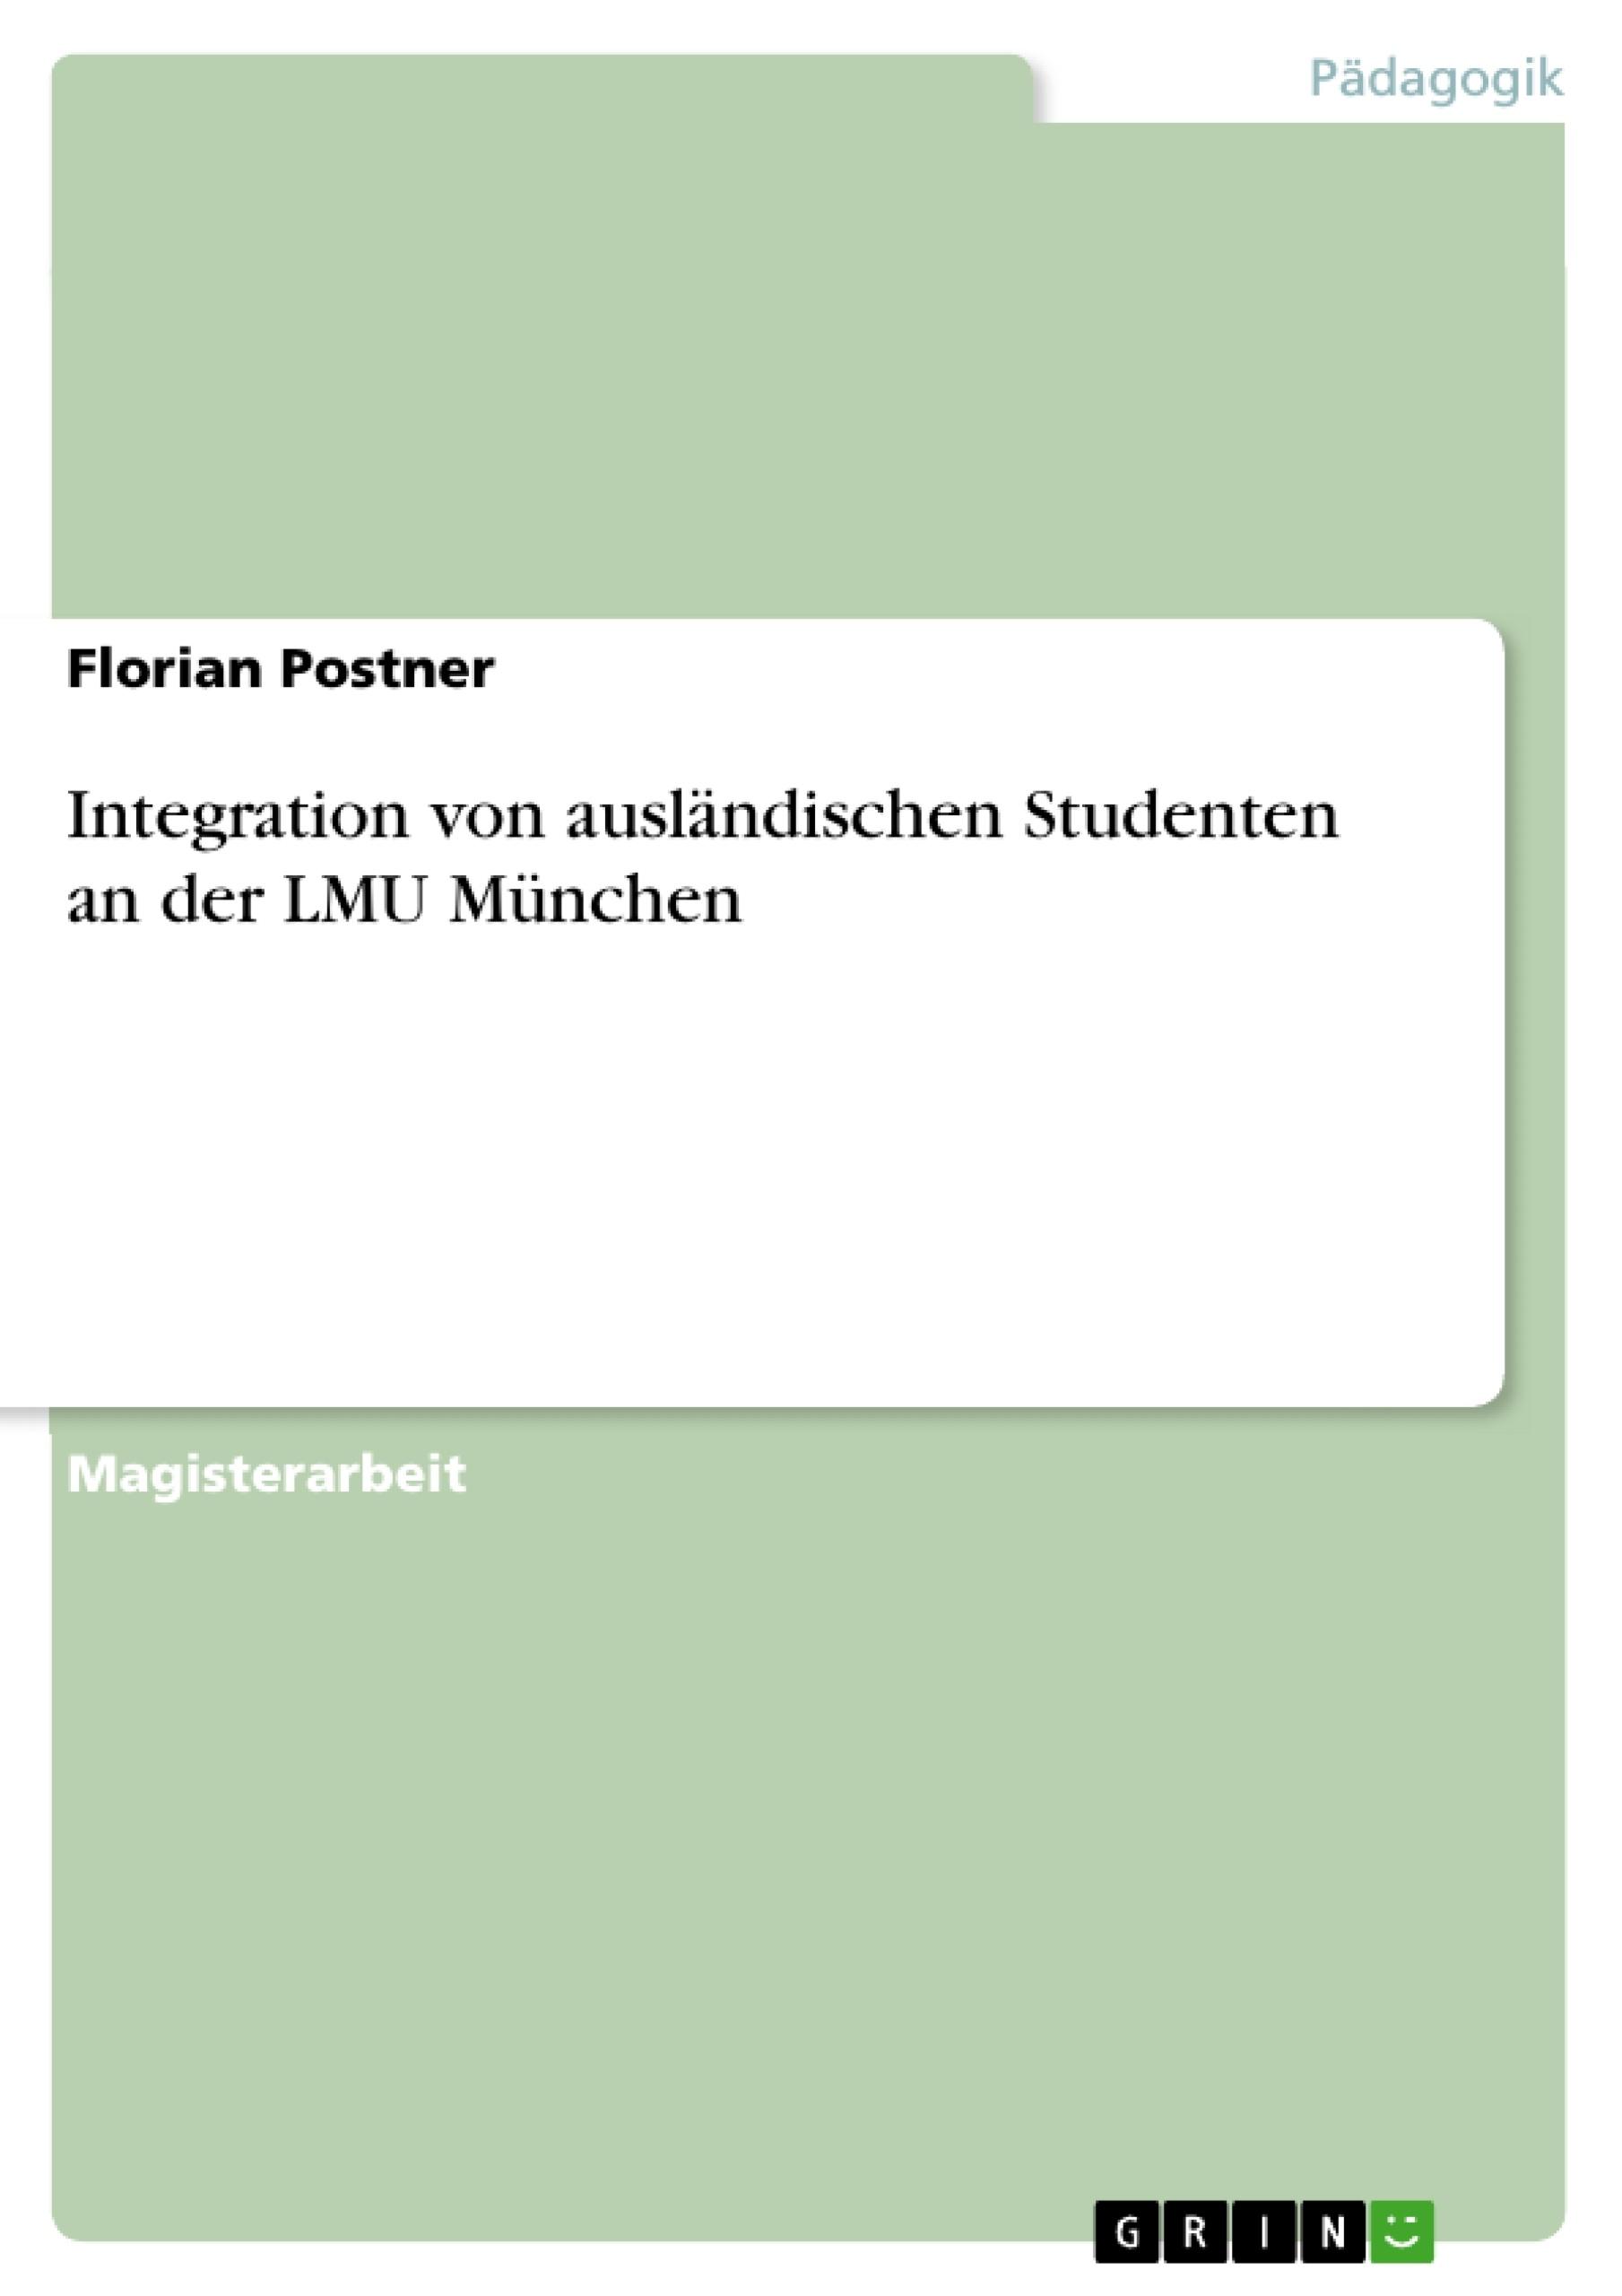 Titel: Integration von ausländischen Studenten an der LMU München